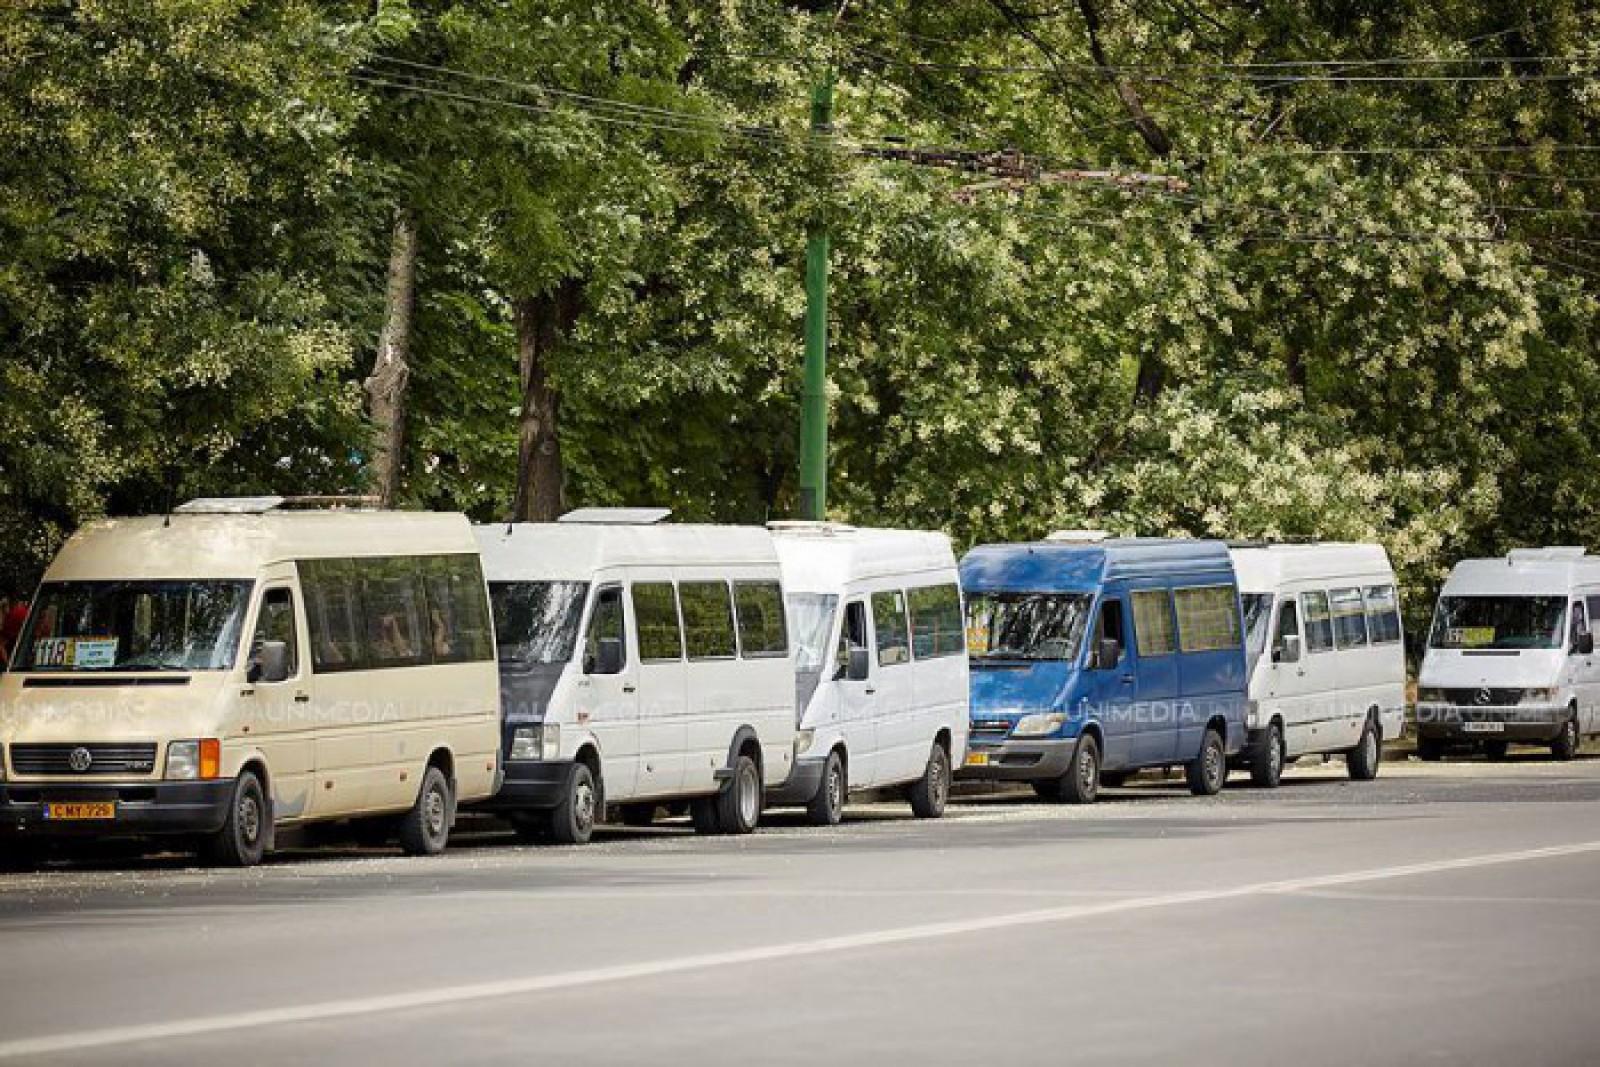 Câți oameni încap într-un microbuz care circulă pe străzile capitalei? Răspunsul într-o imagine